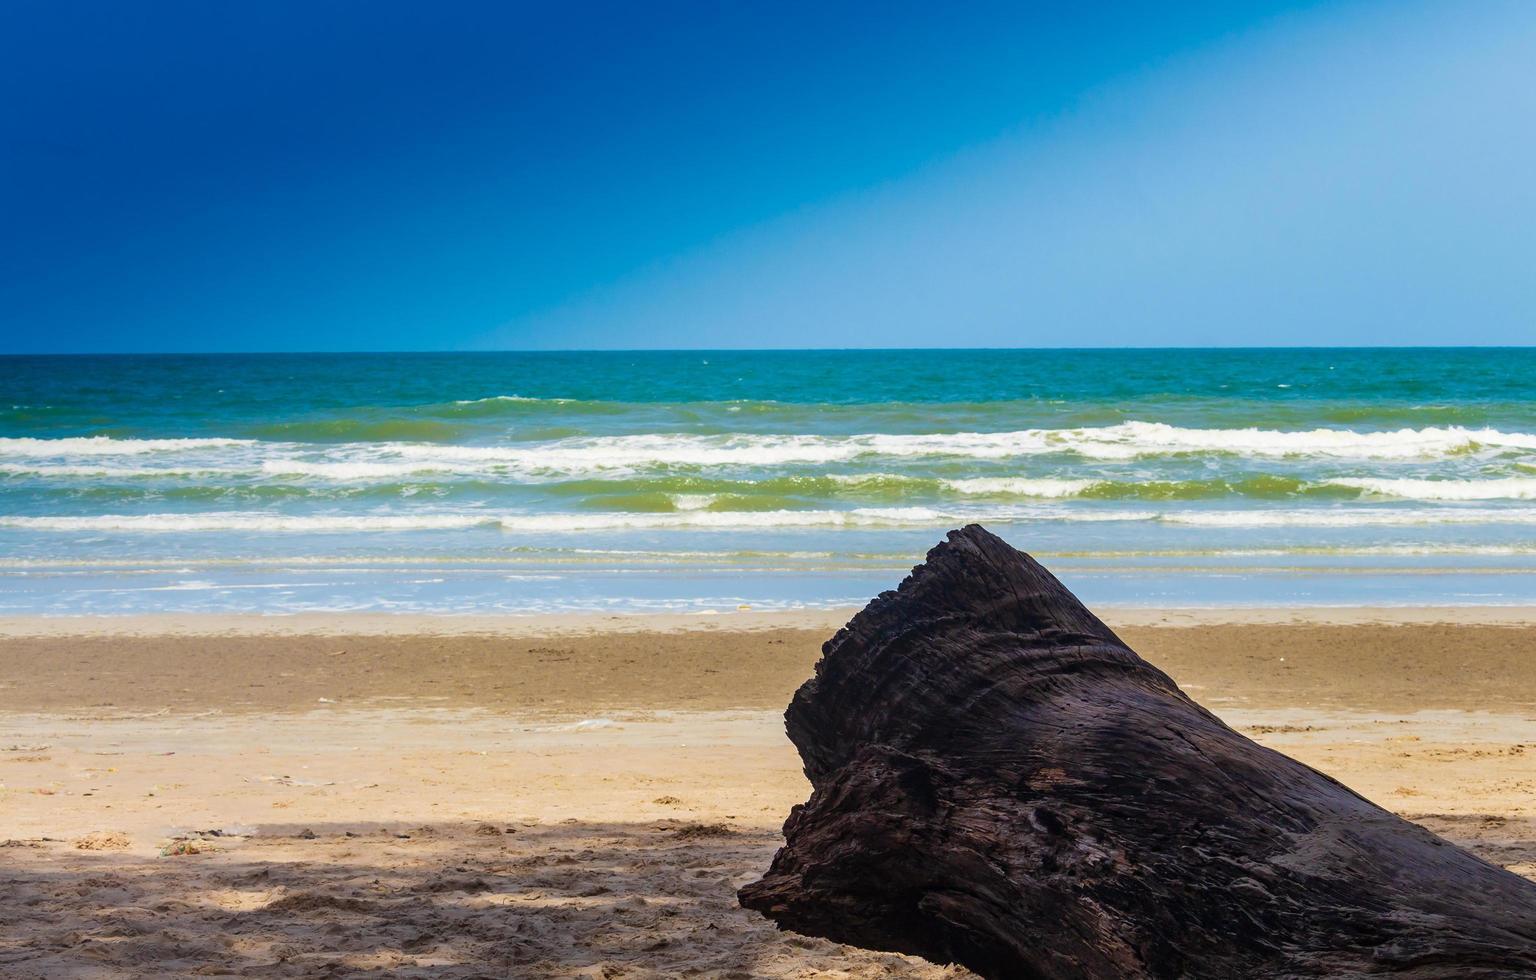 paisaje de playa de verano y cielo azul foto